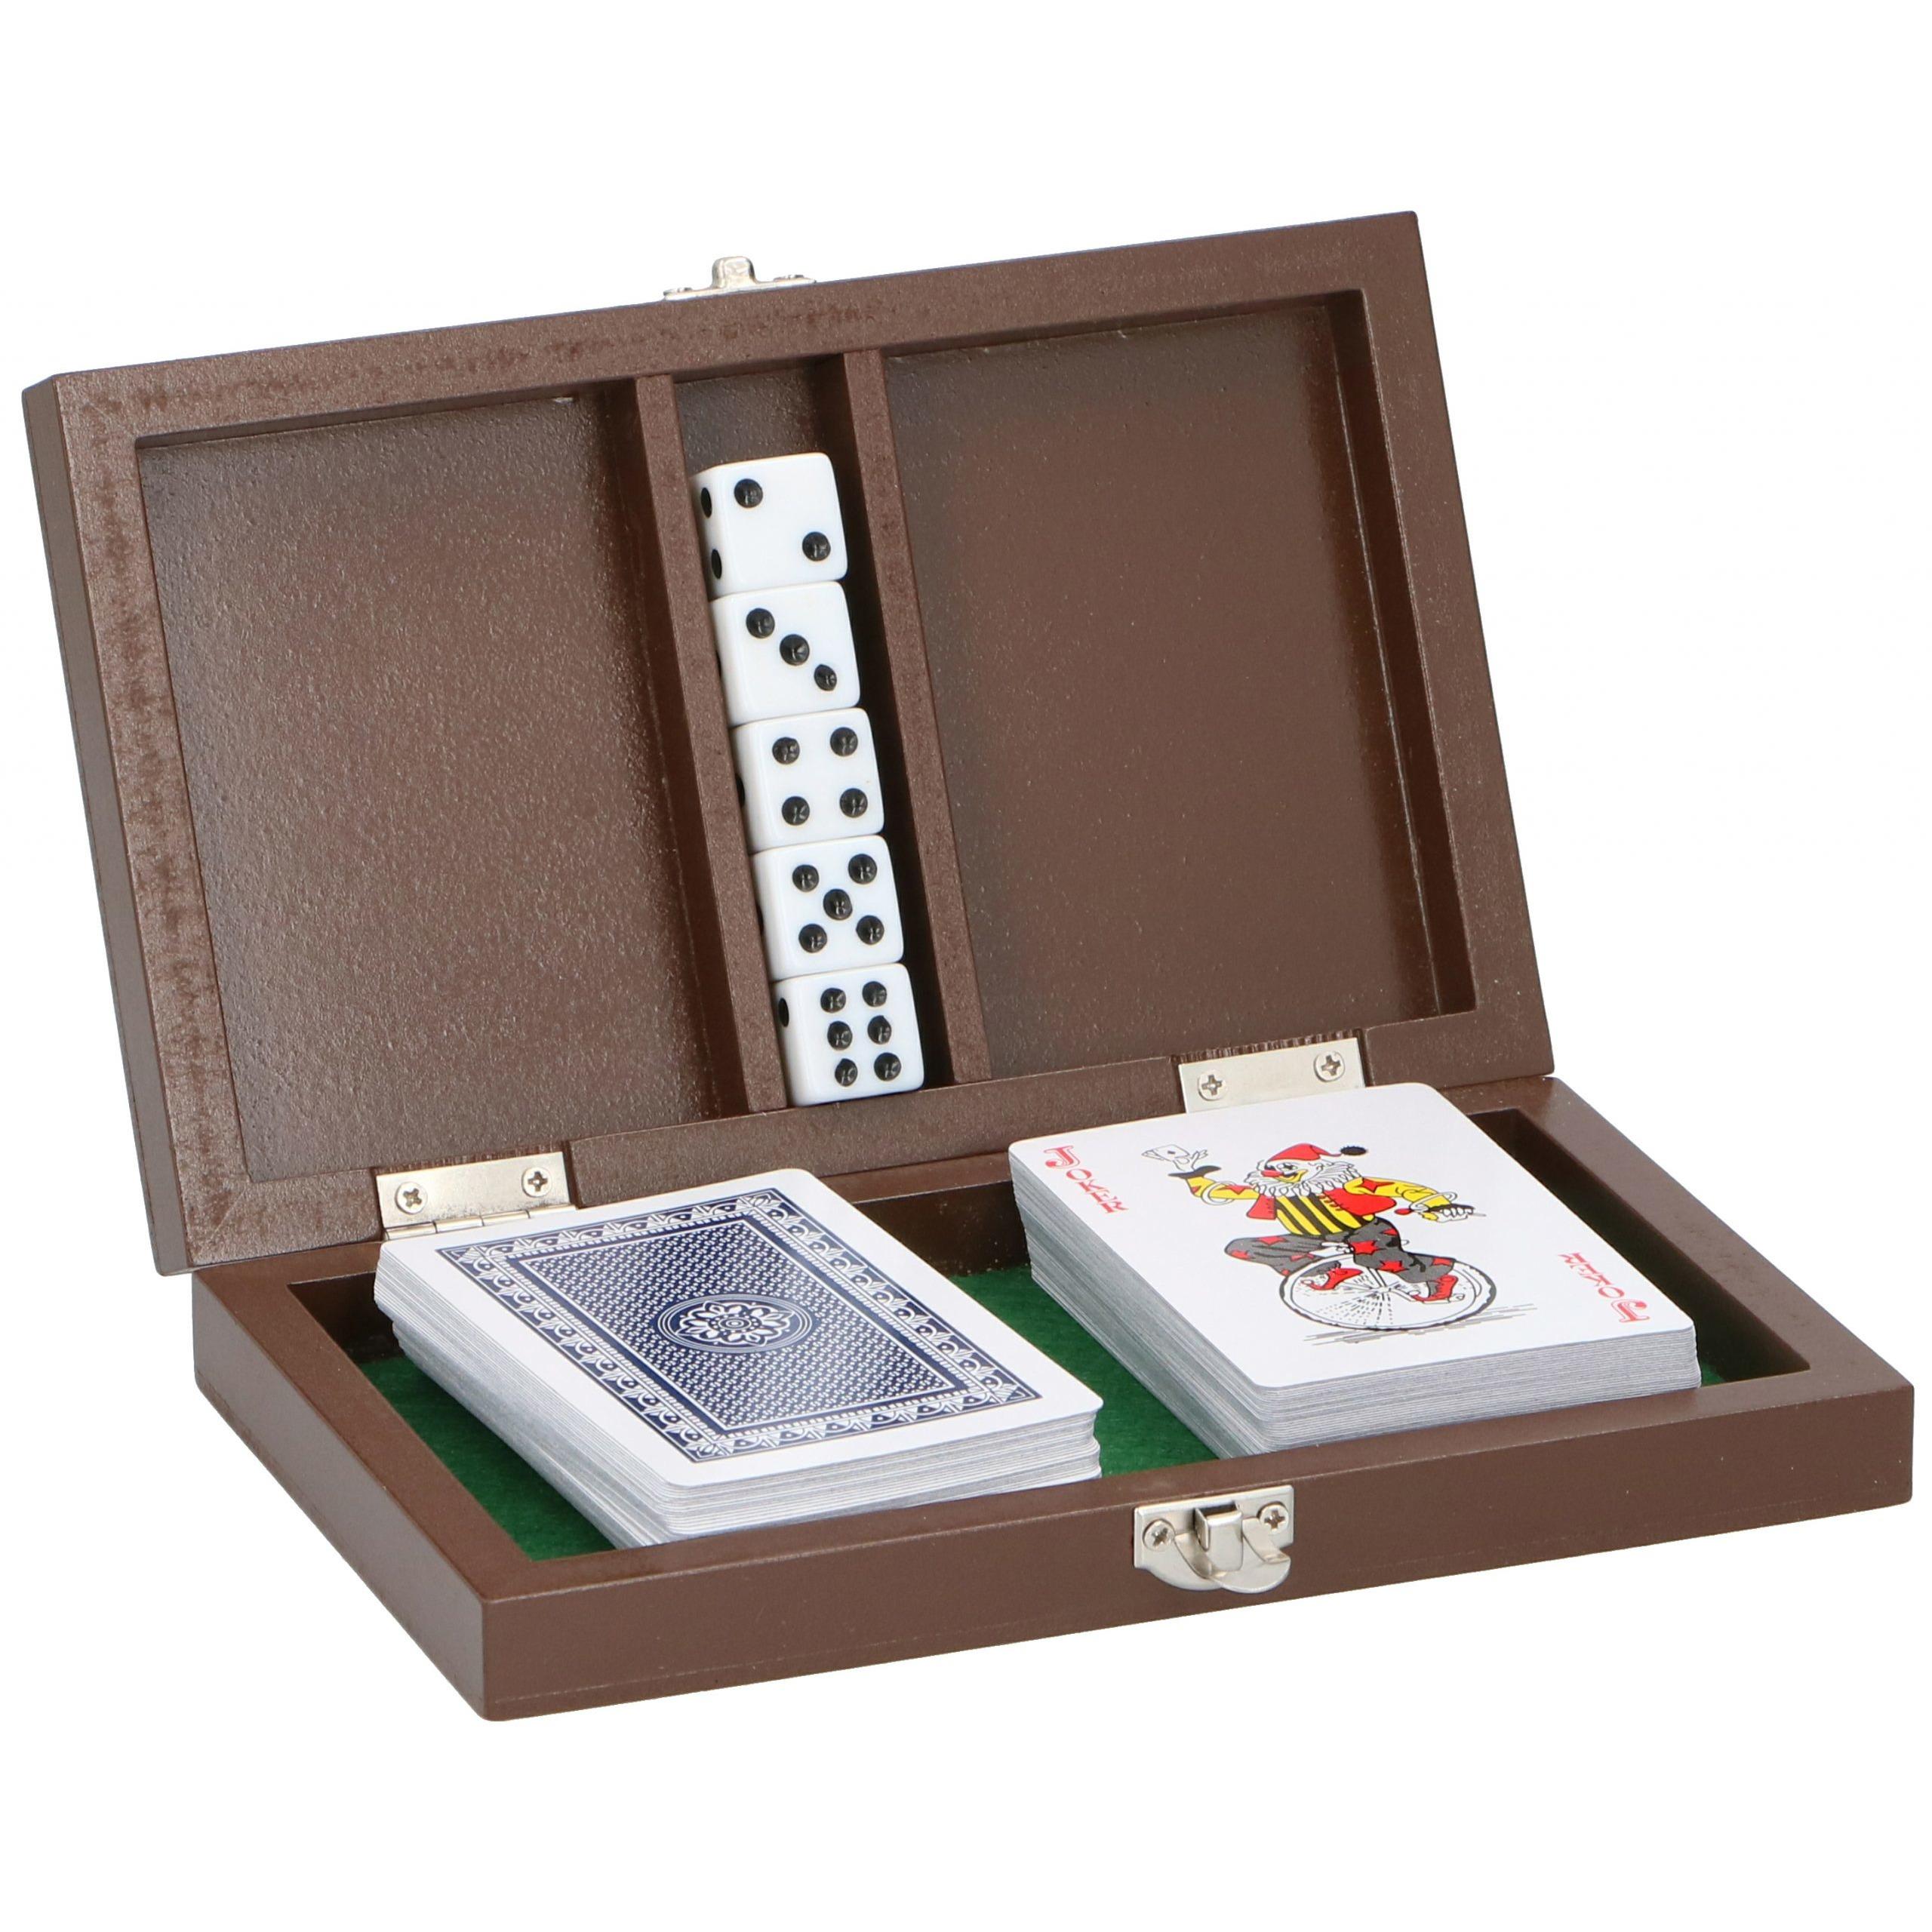 Luxe speelkaarten set met dobbelstenen in houten kistje